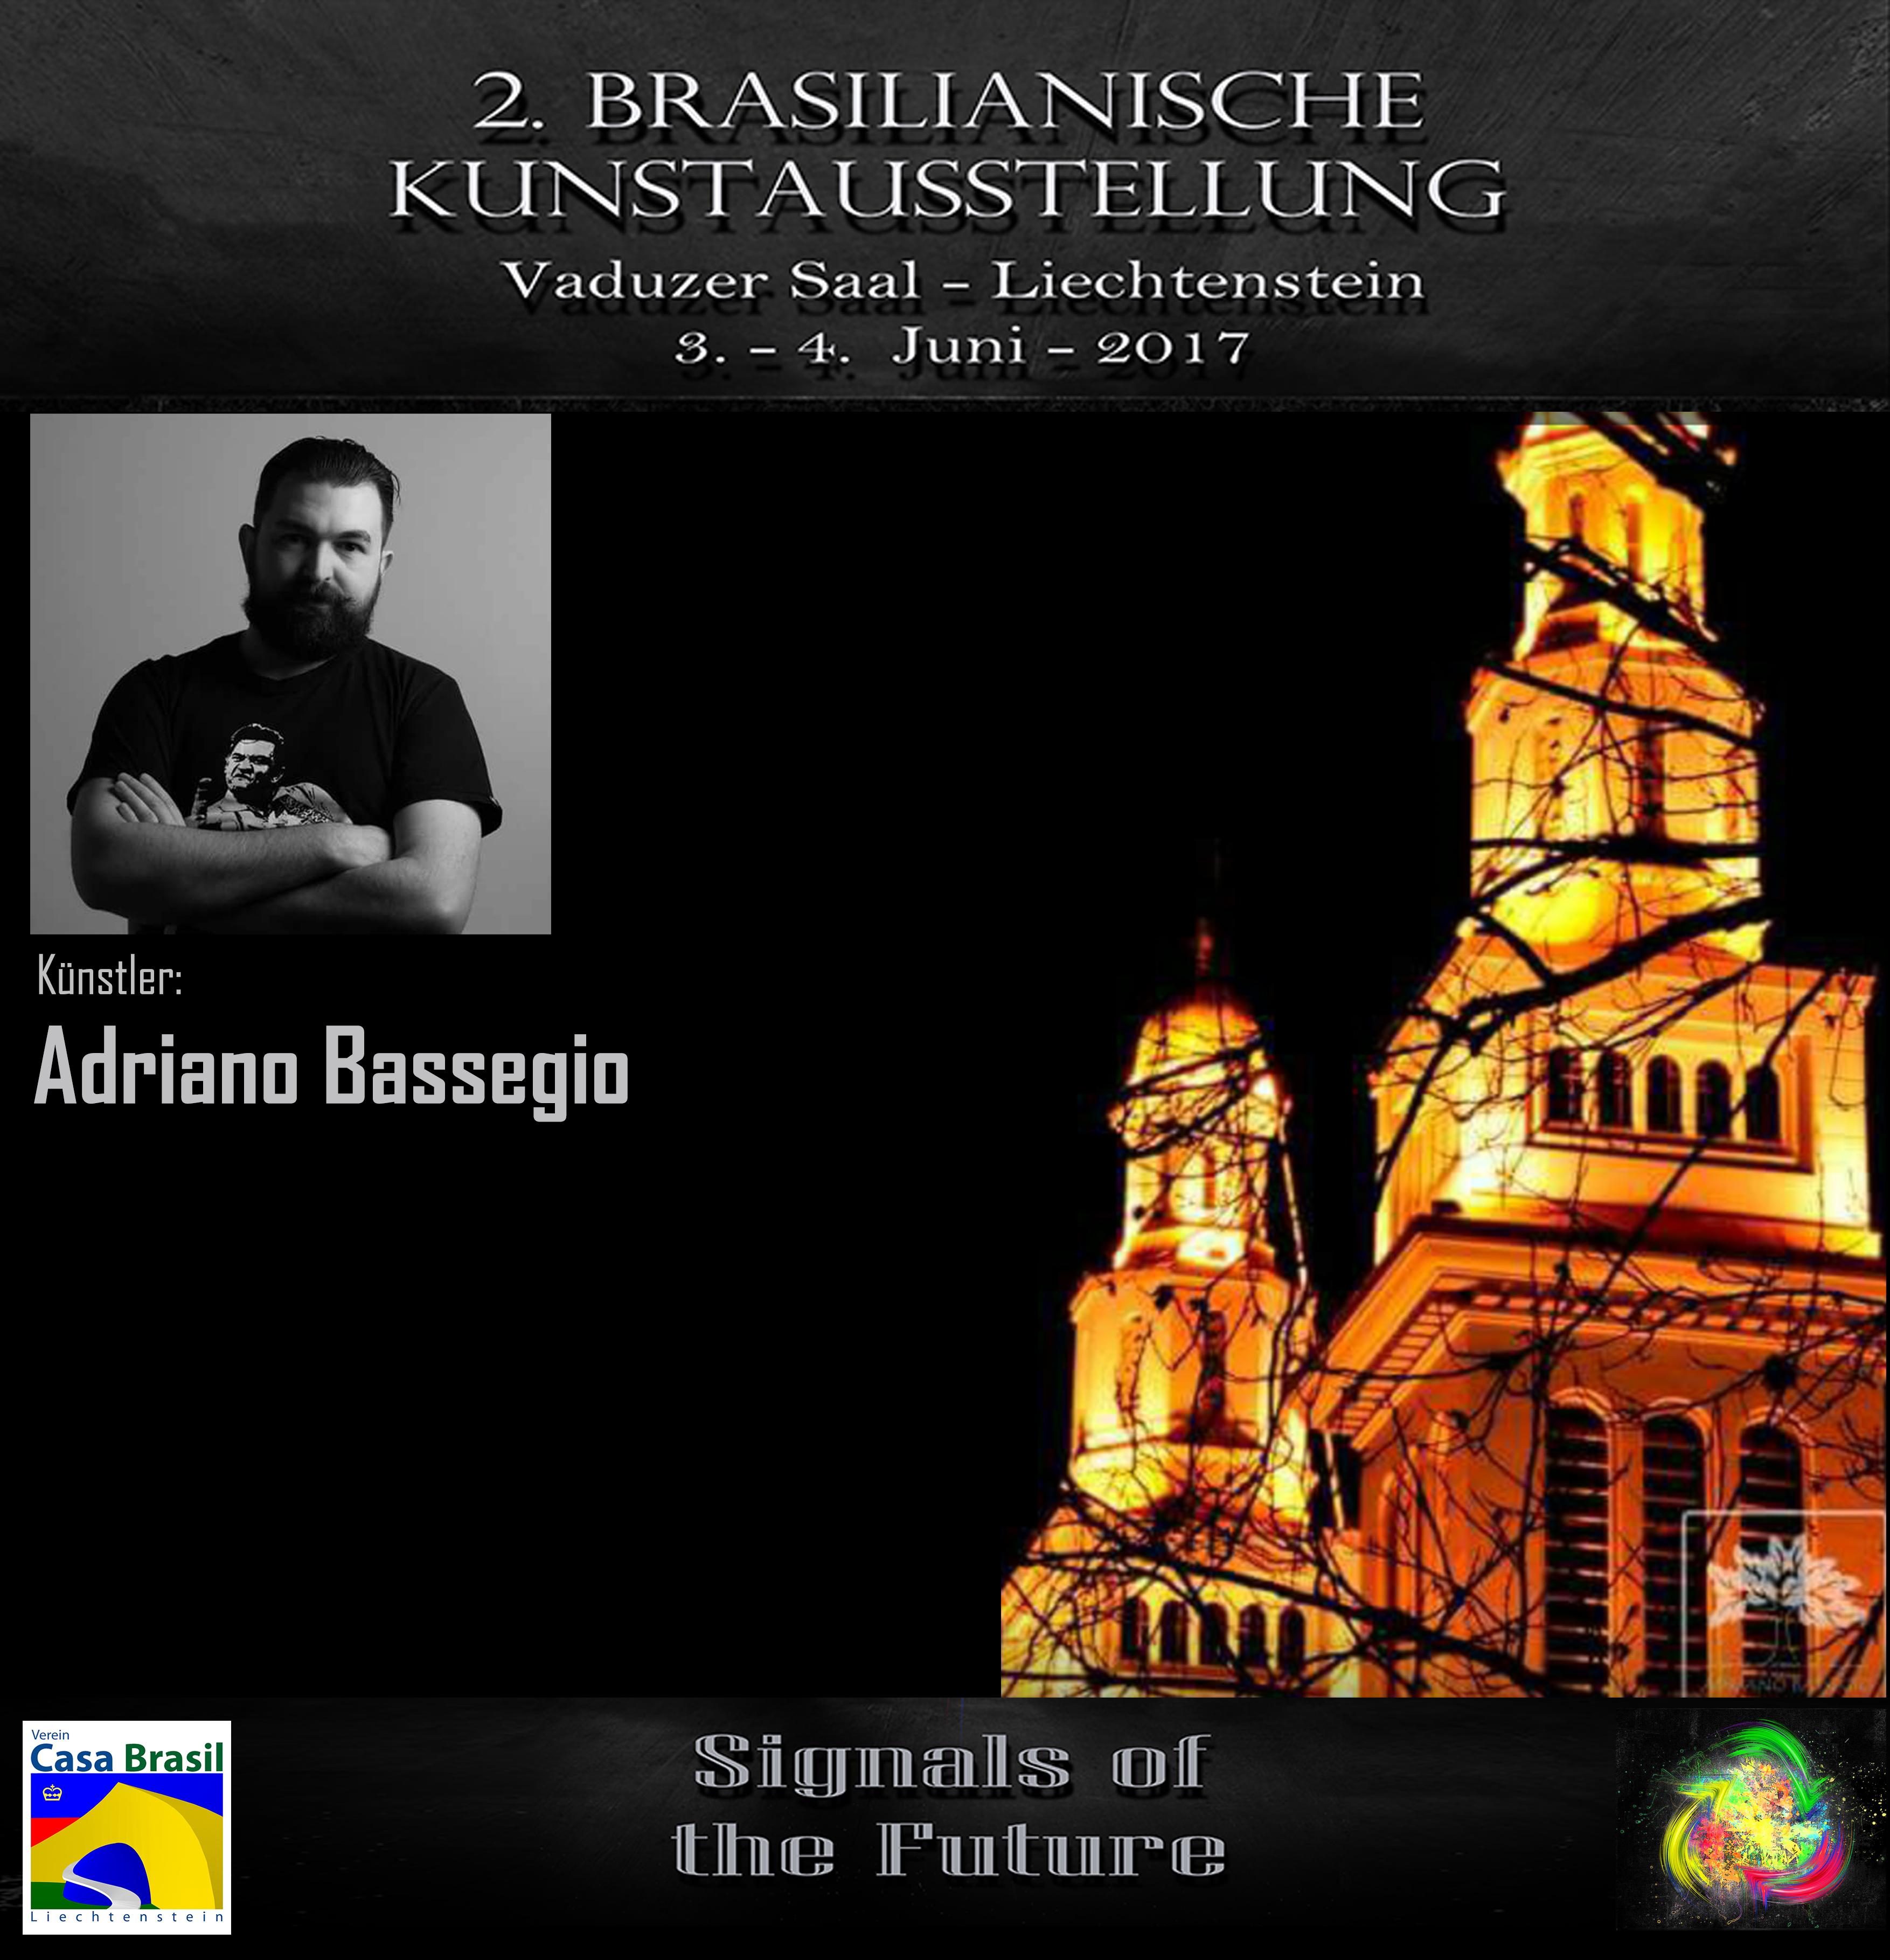 Adriano Bassegio